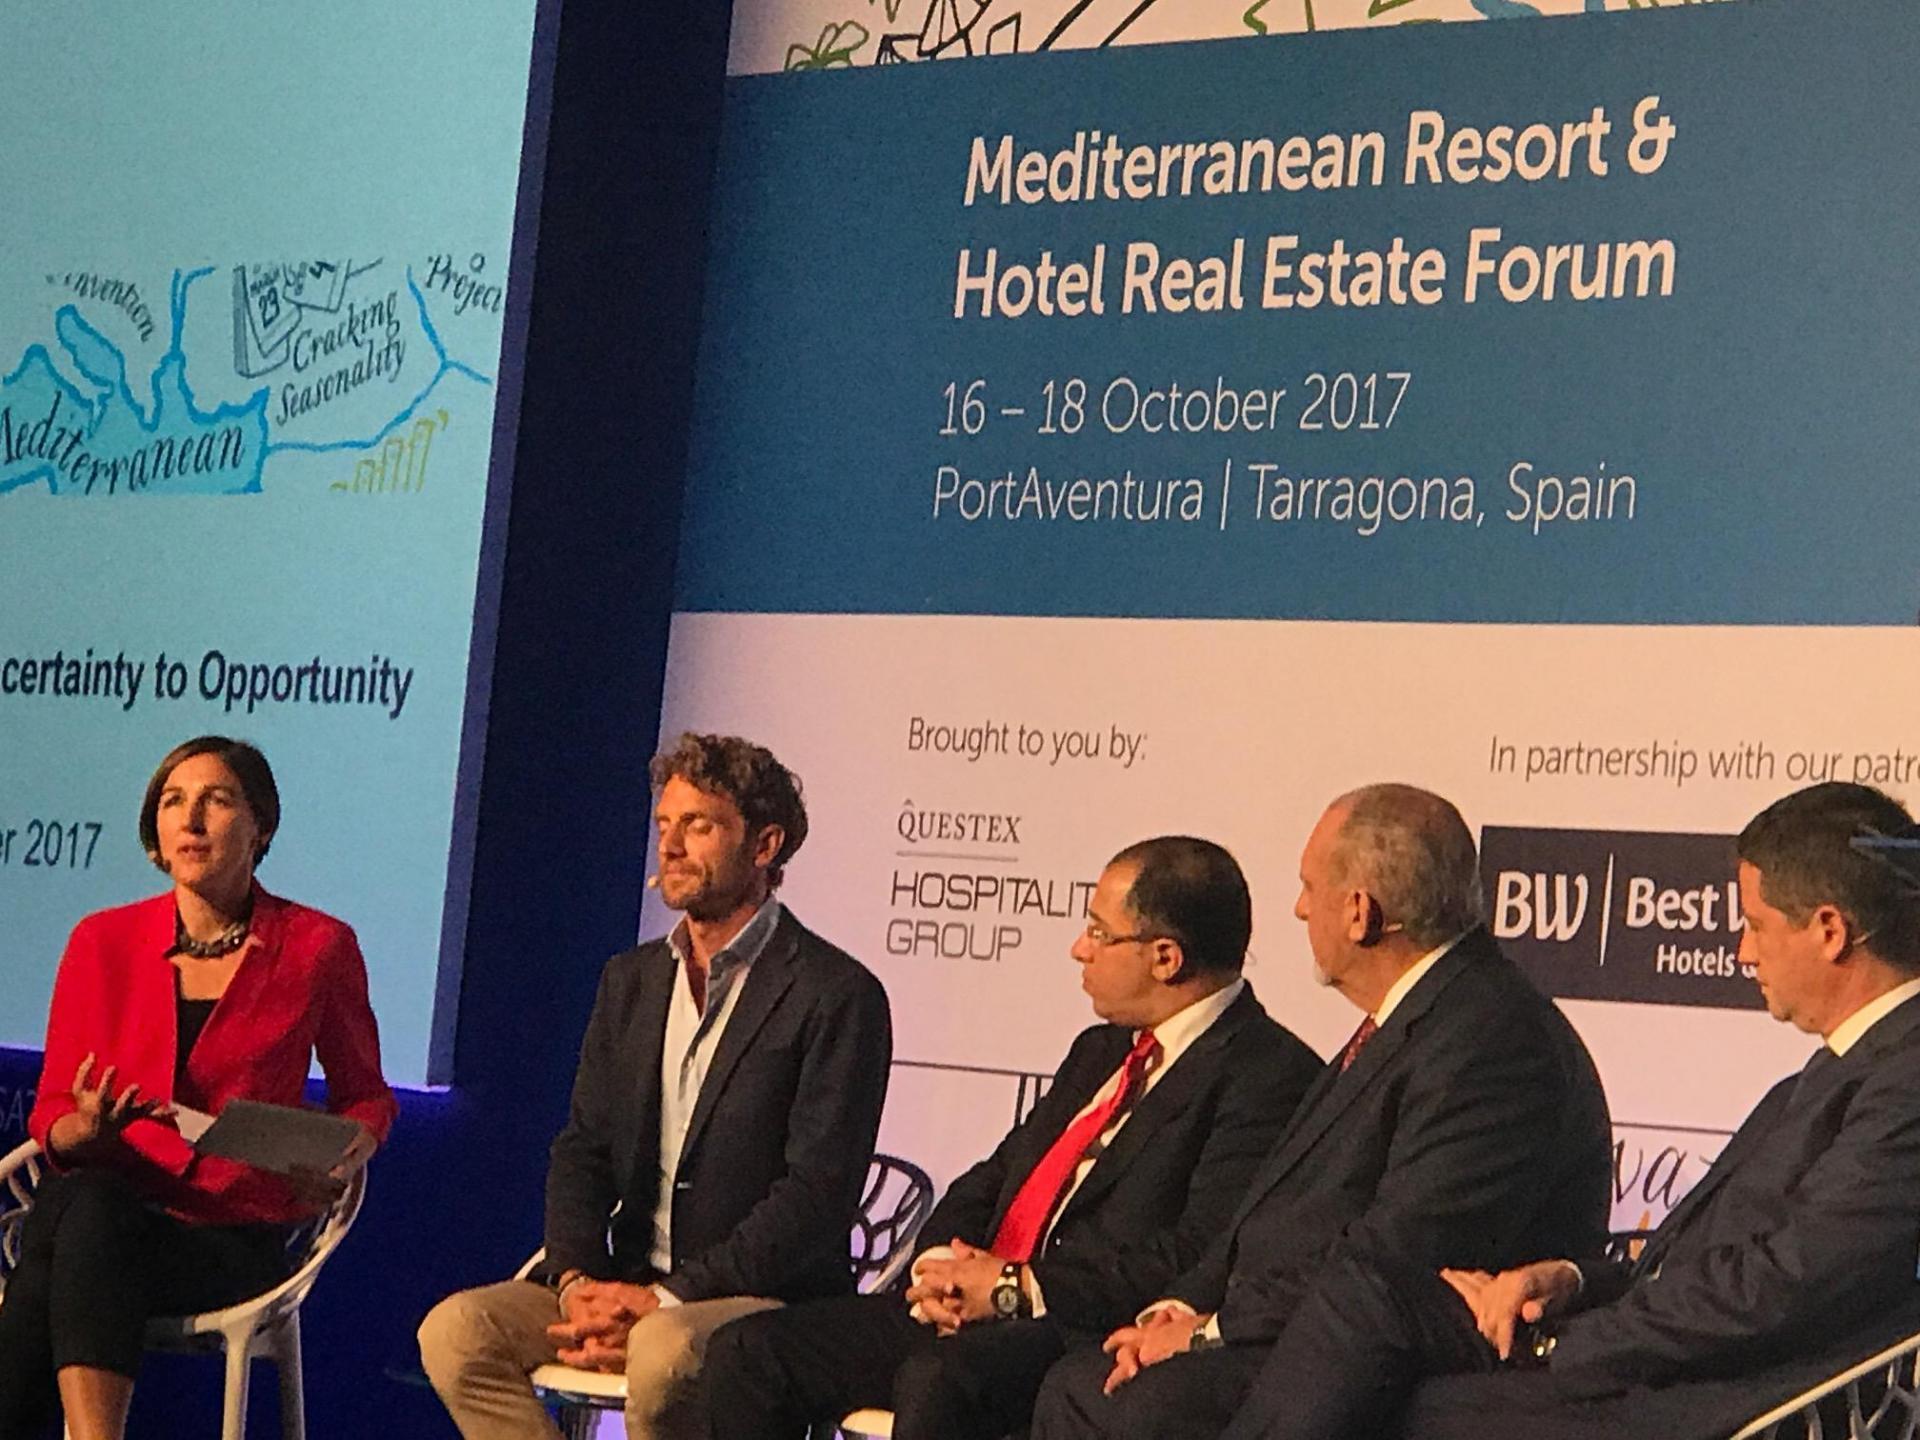 Το Enterprise Greece φέρνει στην Αθήνα το επόμενο Mediterranean Resort & Hotel Real Estate Forum